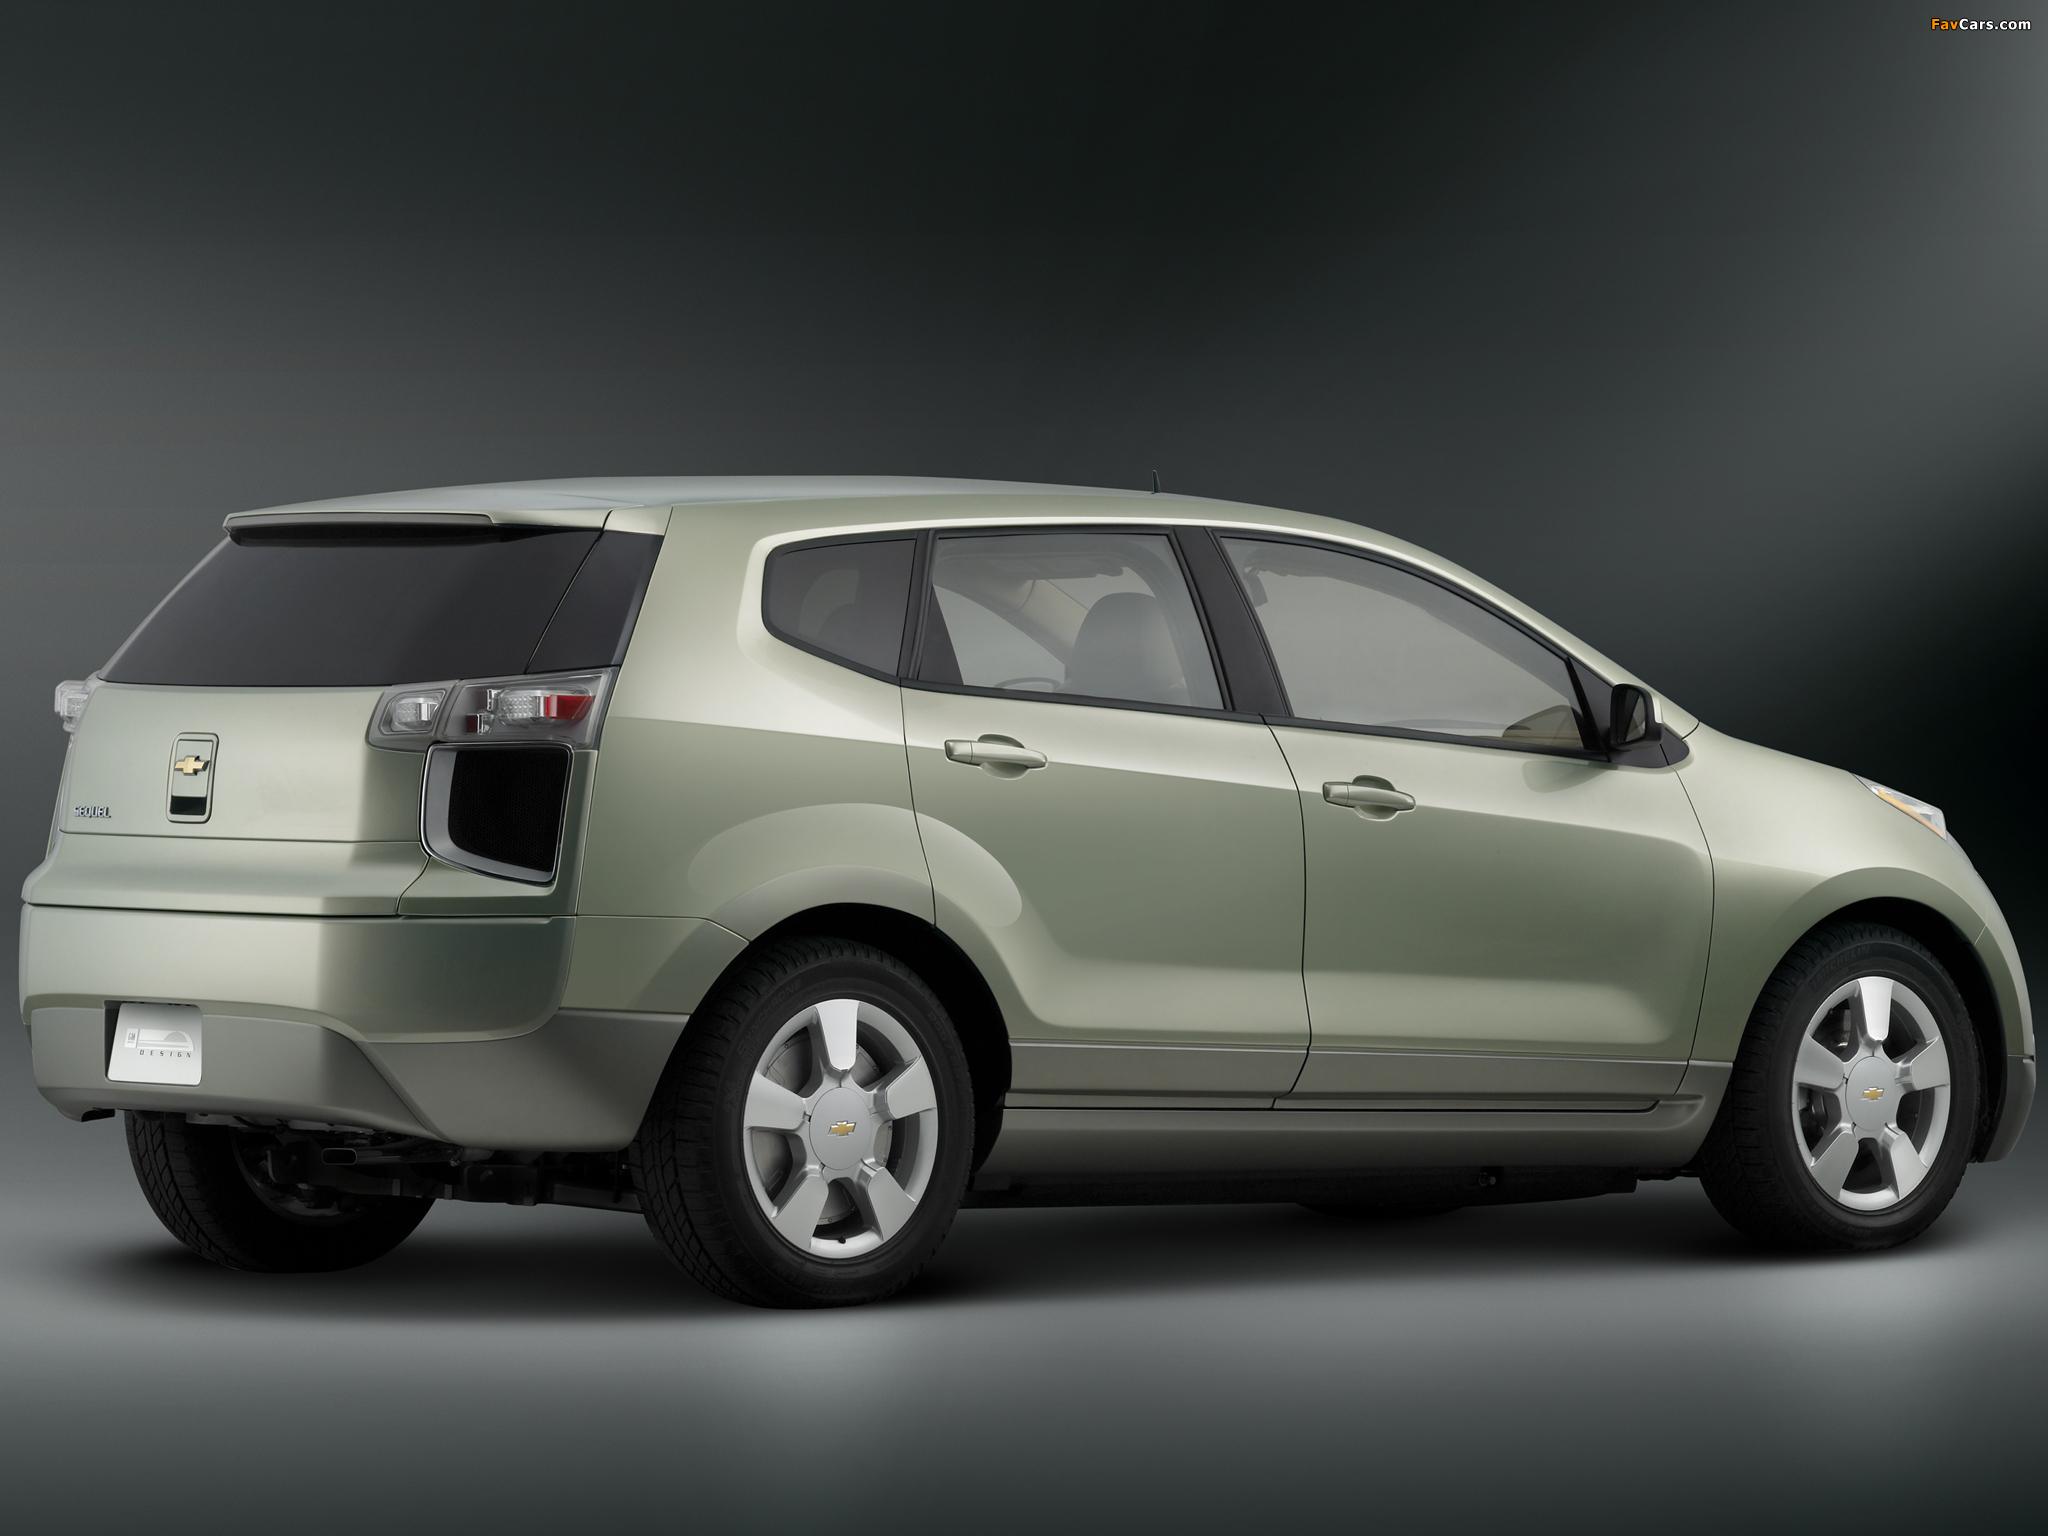 Chevrolet Sequel Concept 2006 pictures (2048 x 1536)